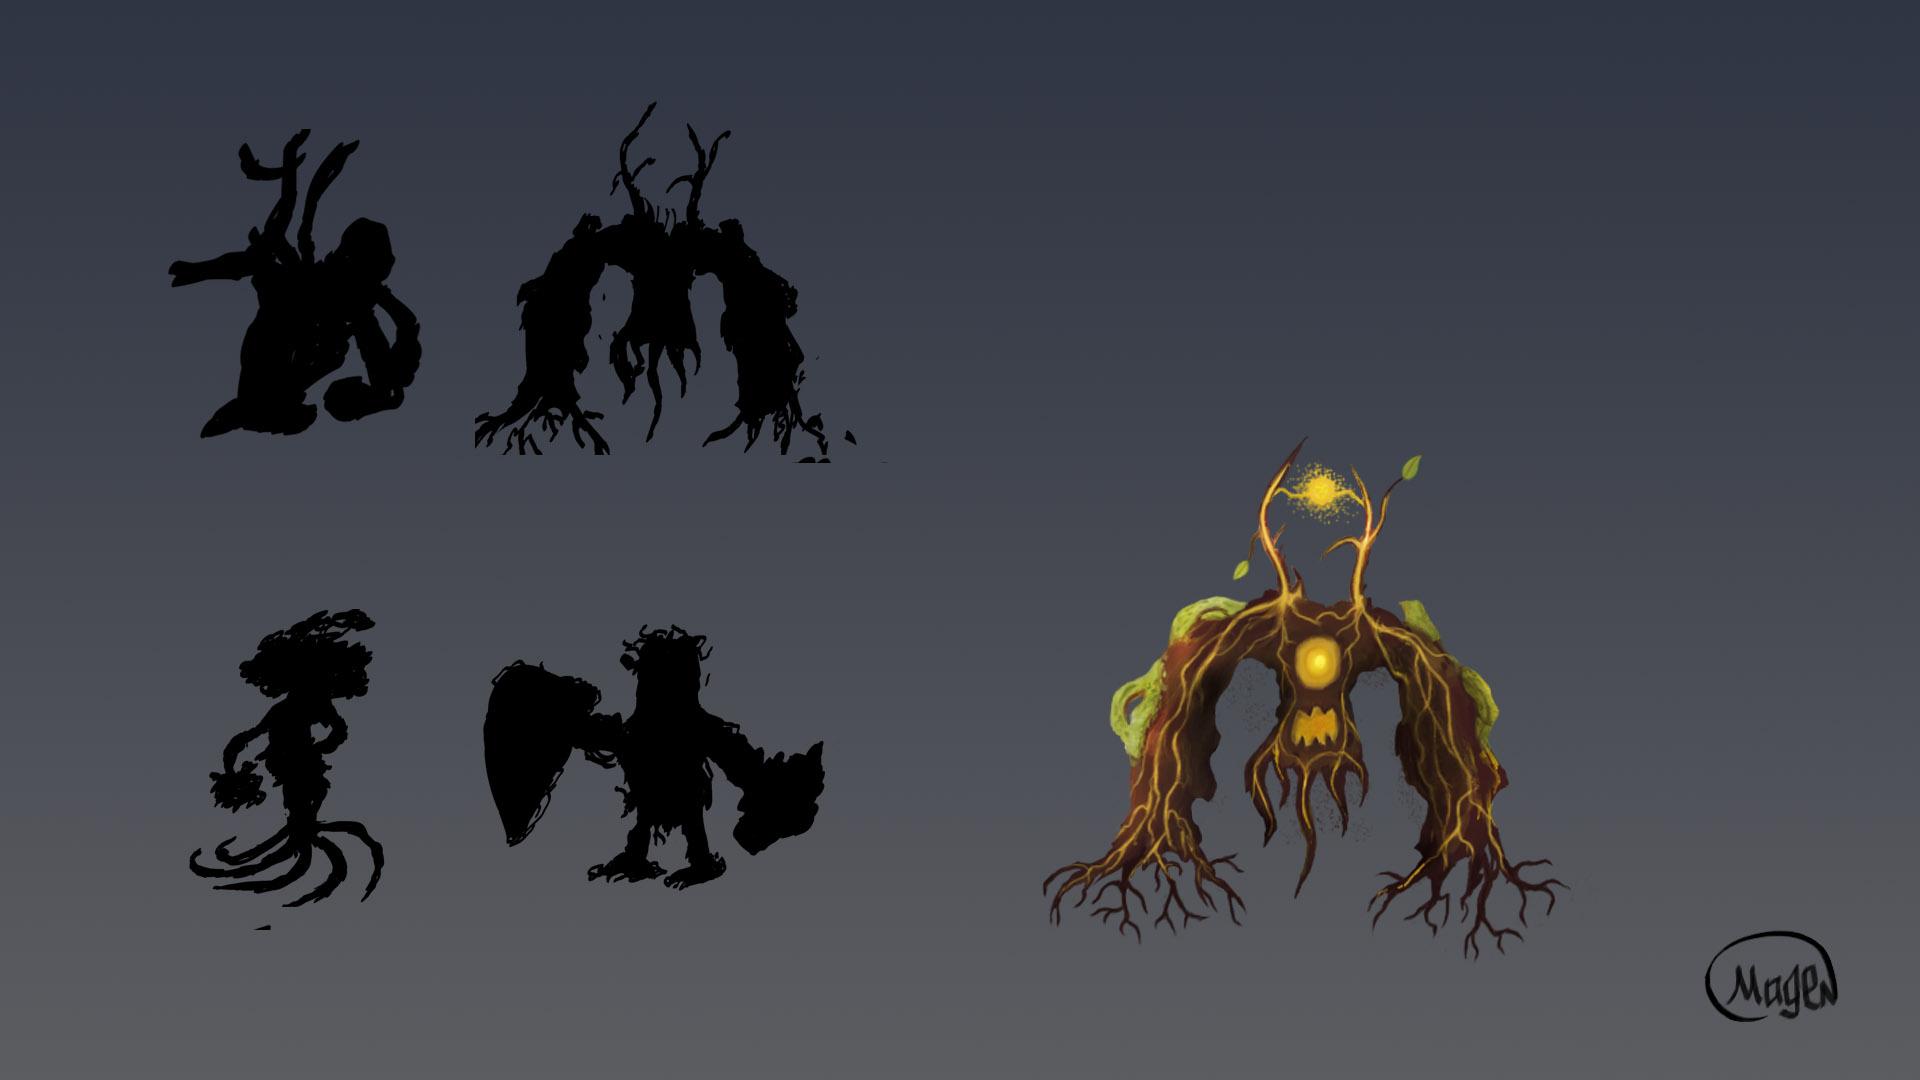 концепт-дерево_1 | MagenArt